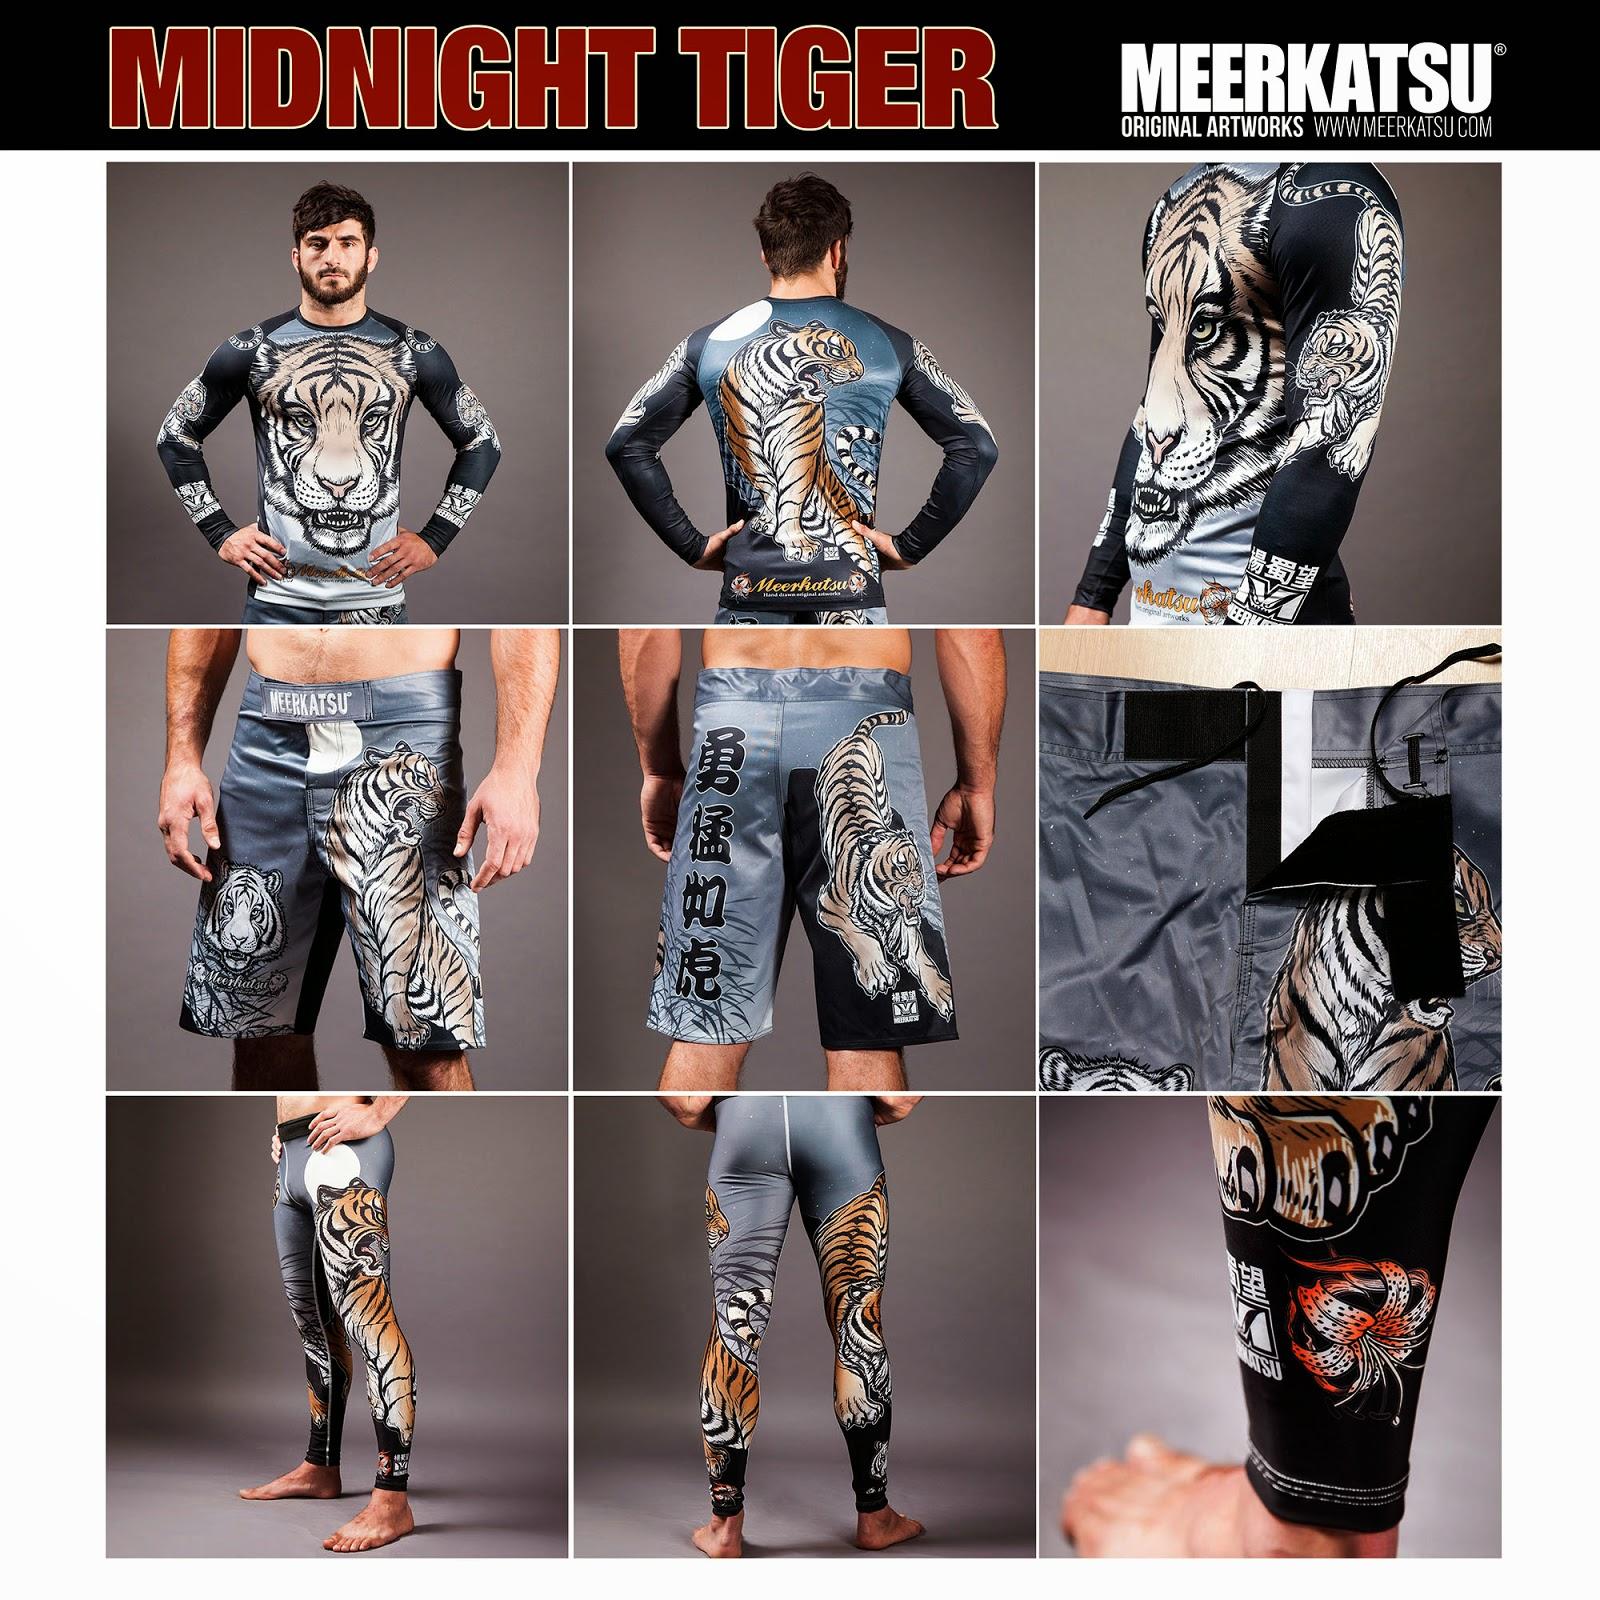 08fbb60f9d067 Meerkatsu Brand - Midnight Tigers ~ Meerkatsu's Blog